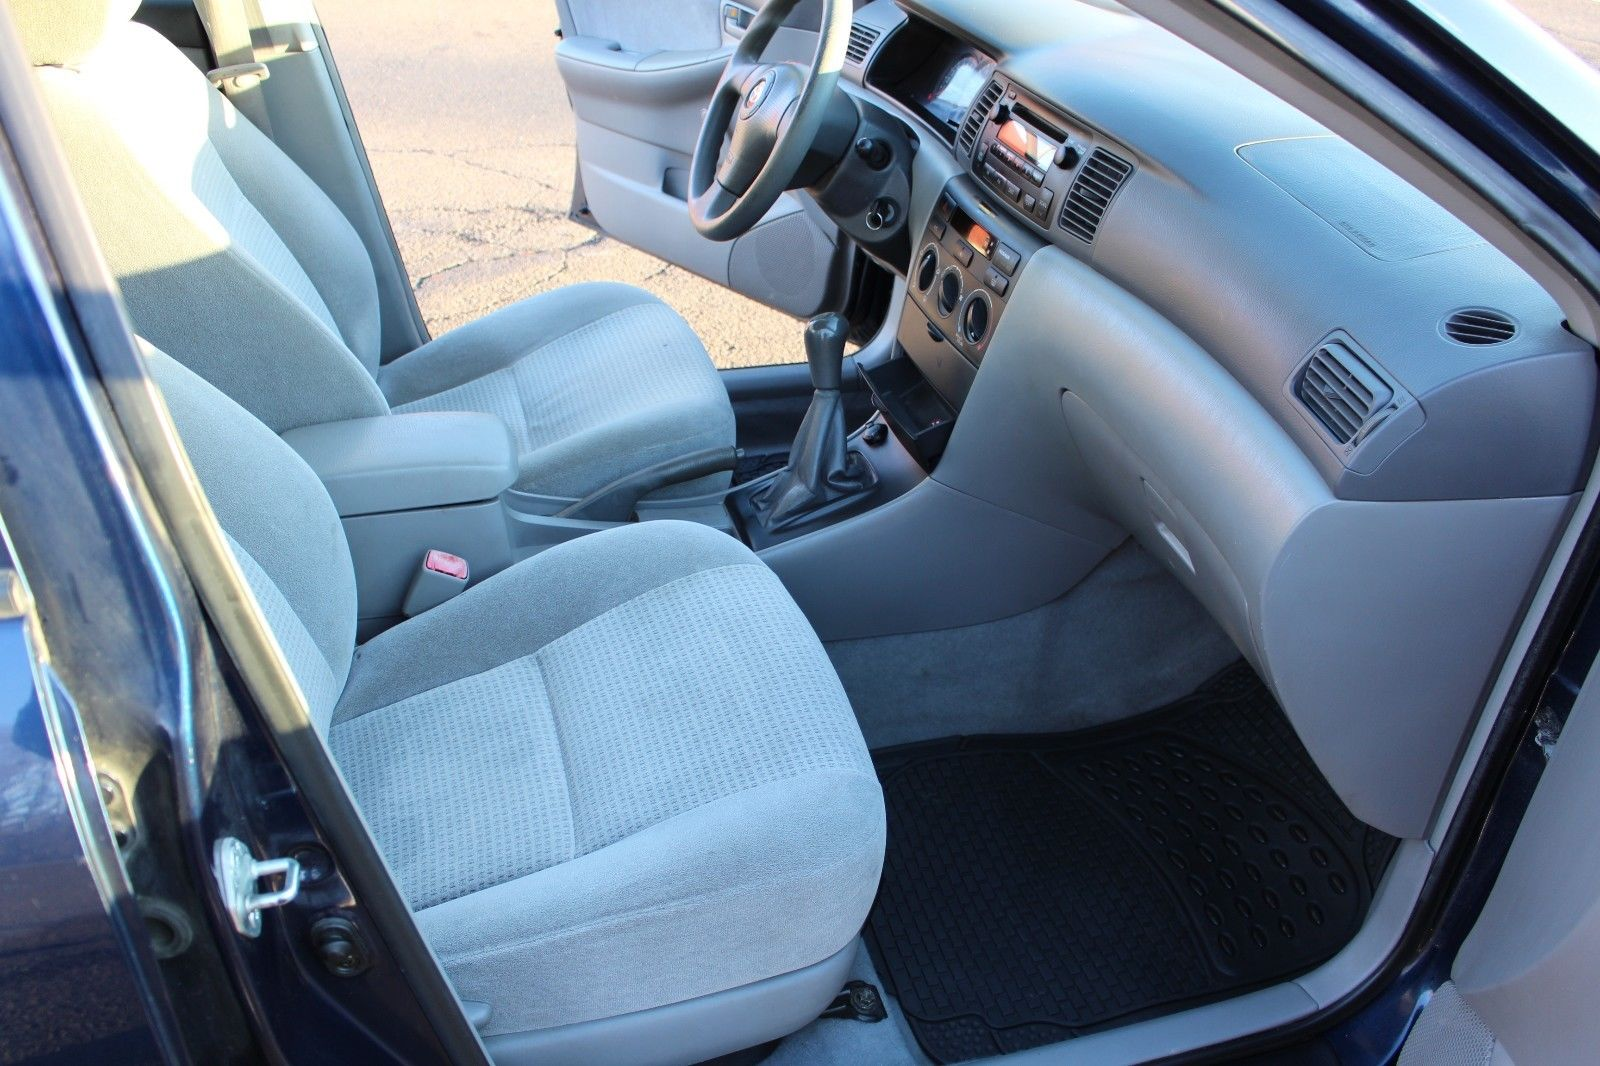 2001 toyota corolla ce manual sedan